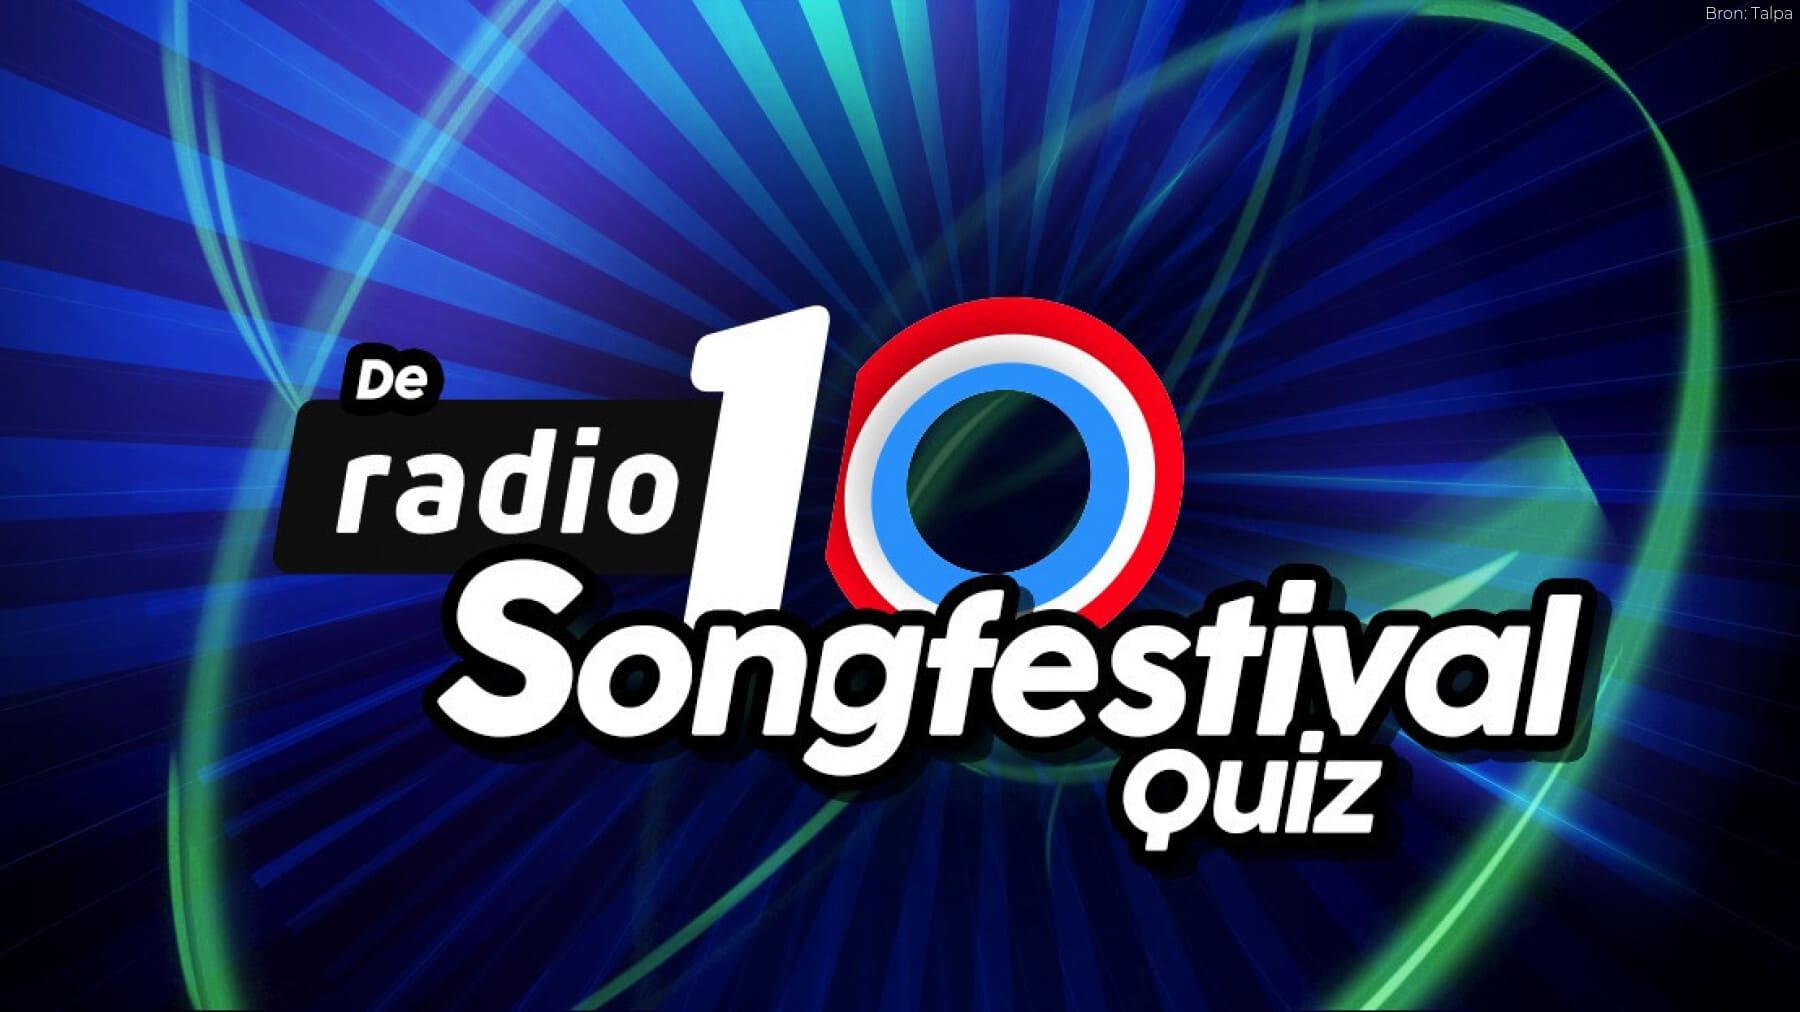 De Radio 10 Songfestivalquiz